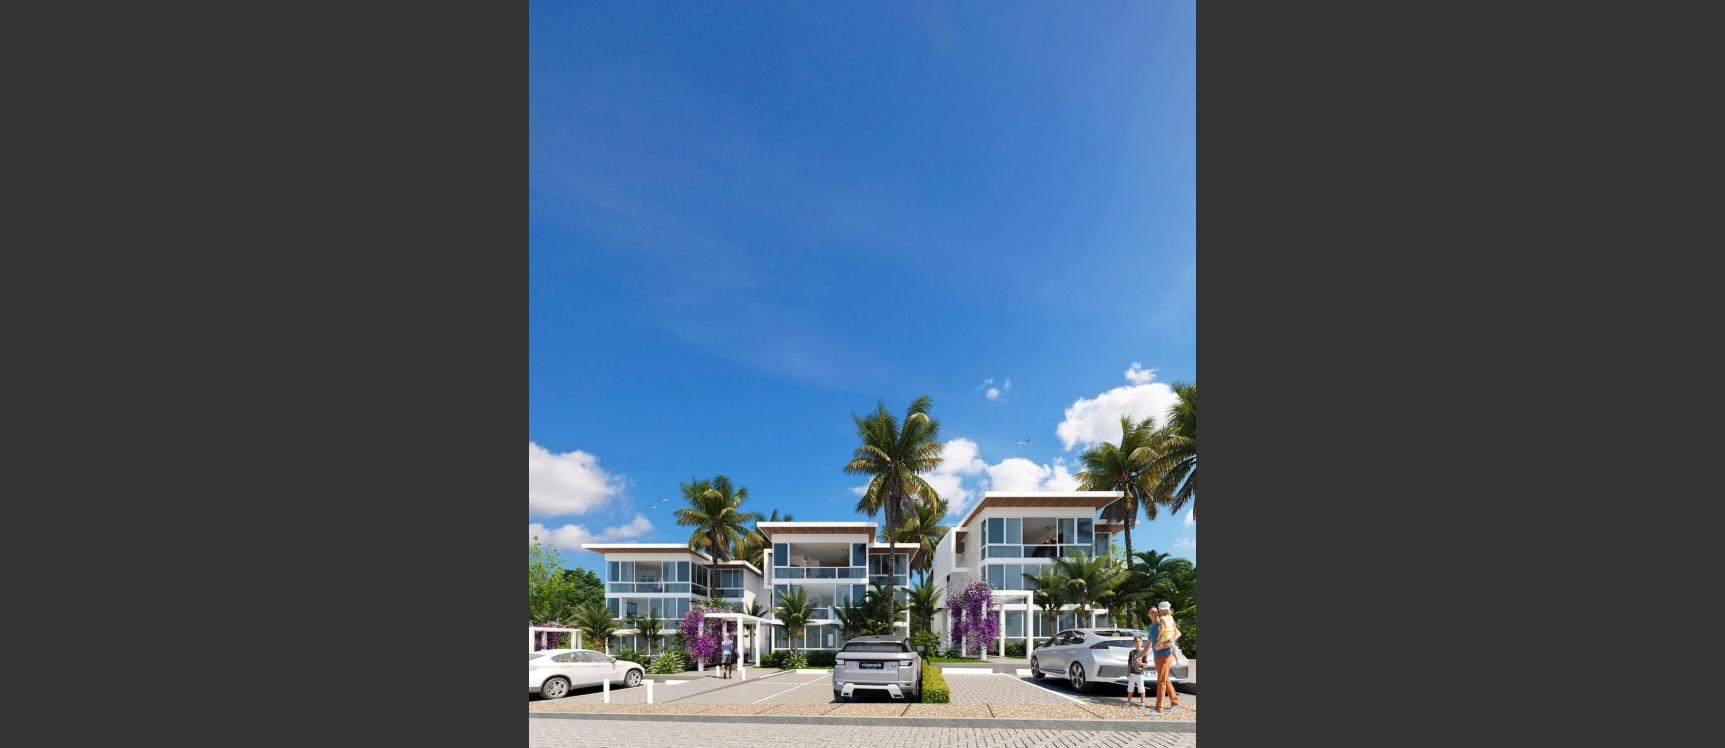 GeoBienes - Departamento 3 Dormitorios - Vista 4 - Segundo Piso - Plusvalia Guayaquil Casas de venta y alquiler Inmobiliaria Ecuador